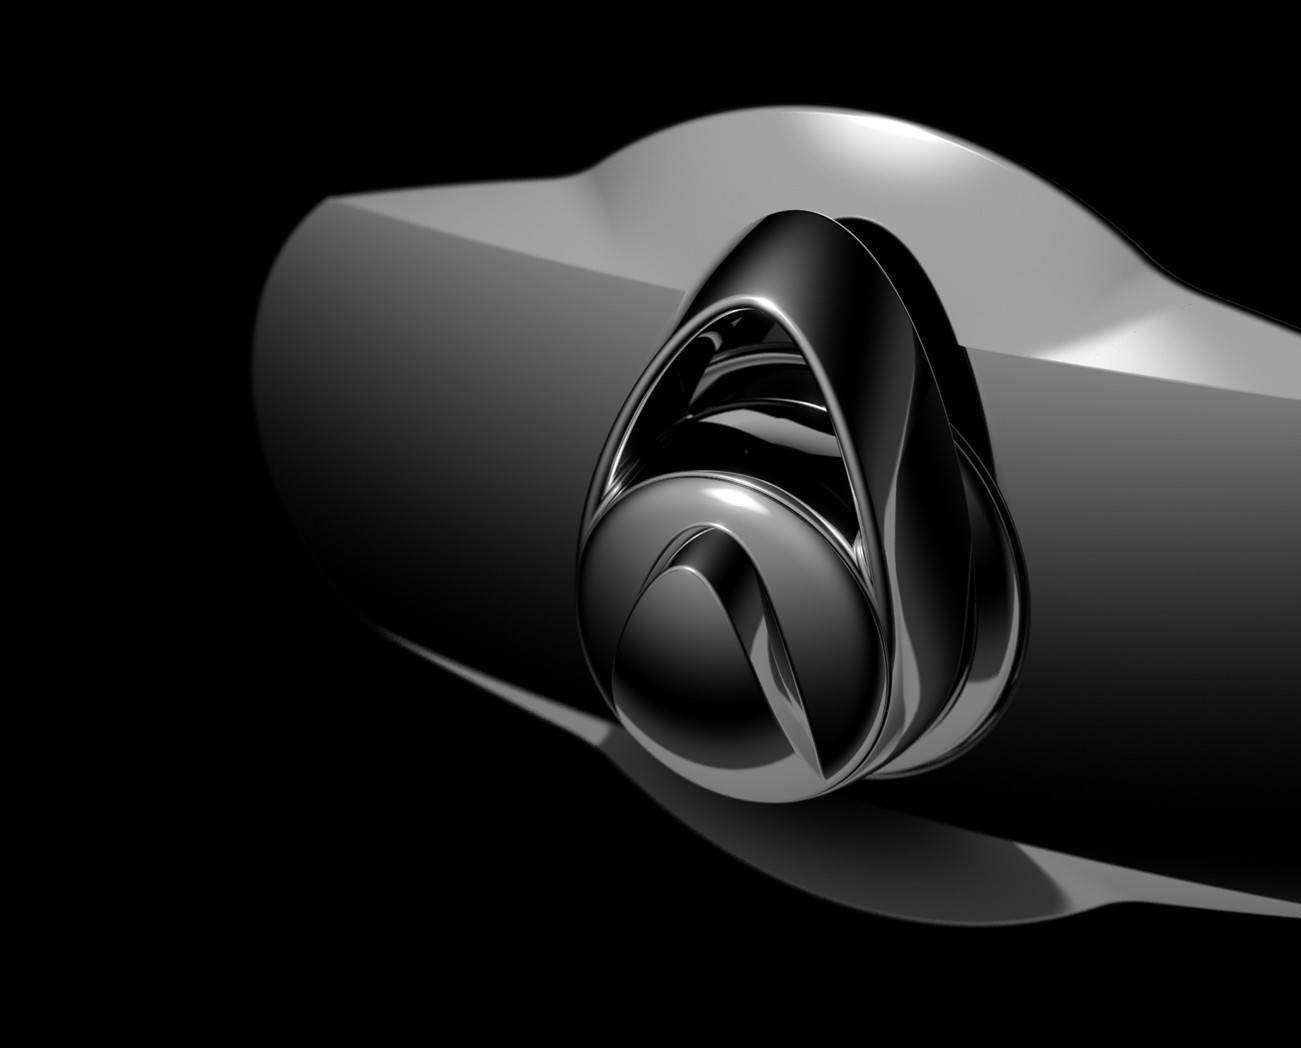 Sirrus Shower Valve | Renfrew Group International |